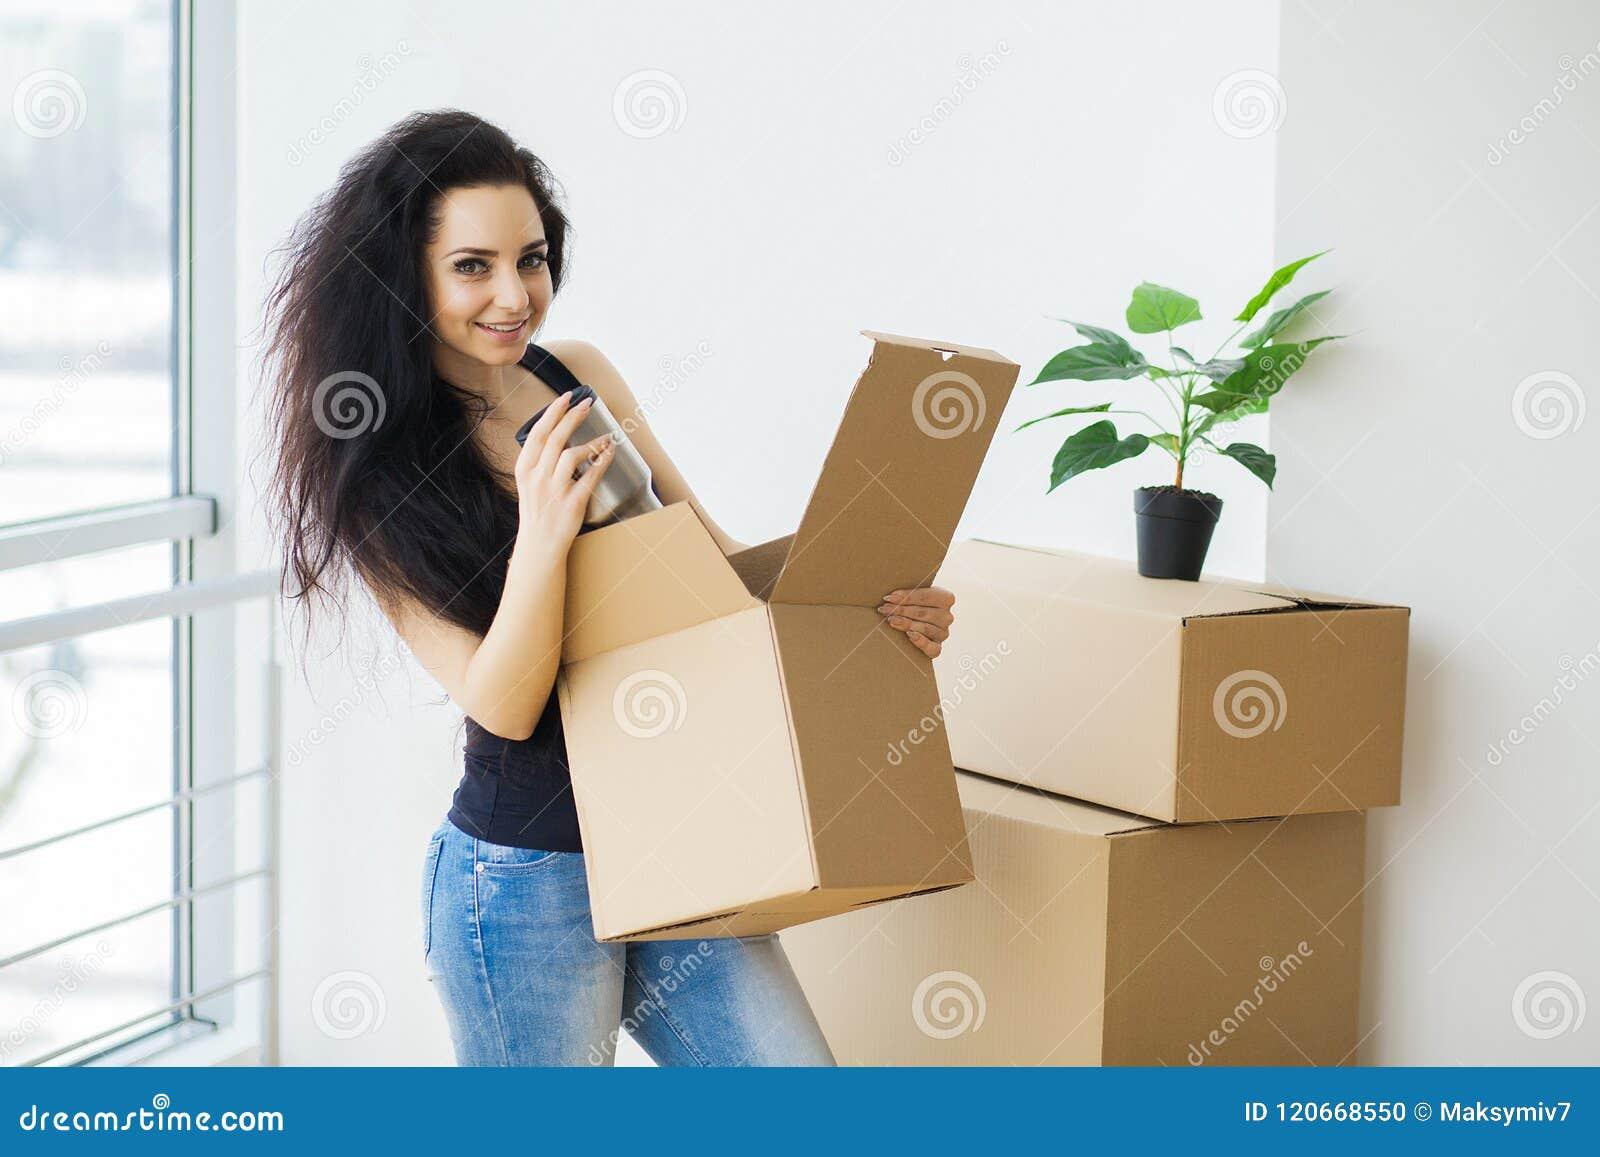 Caja de cartón de caída de la mujer joven El trasladarse a nuevo hogar